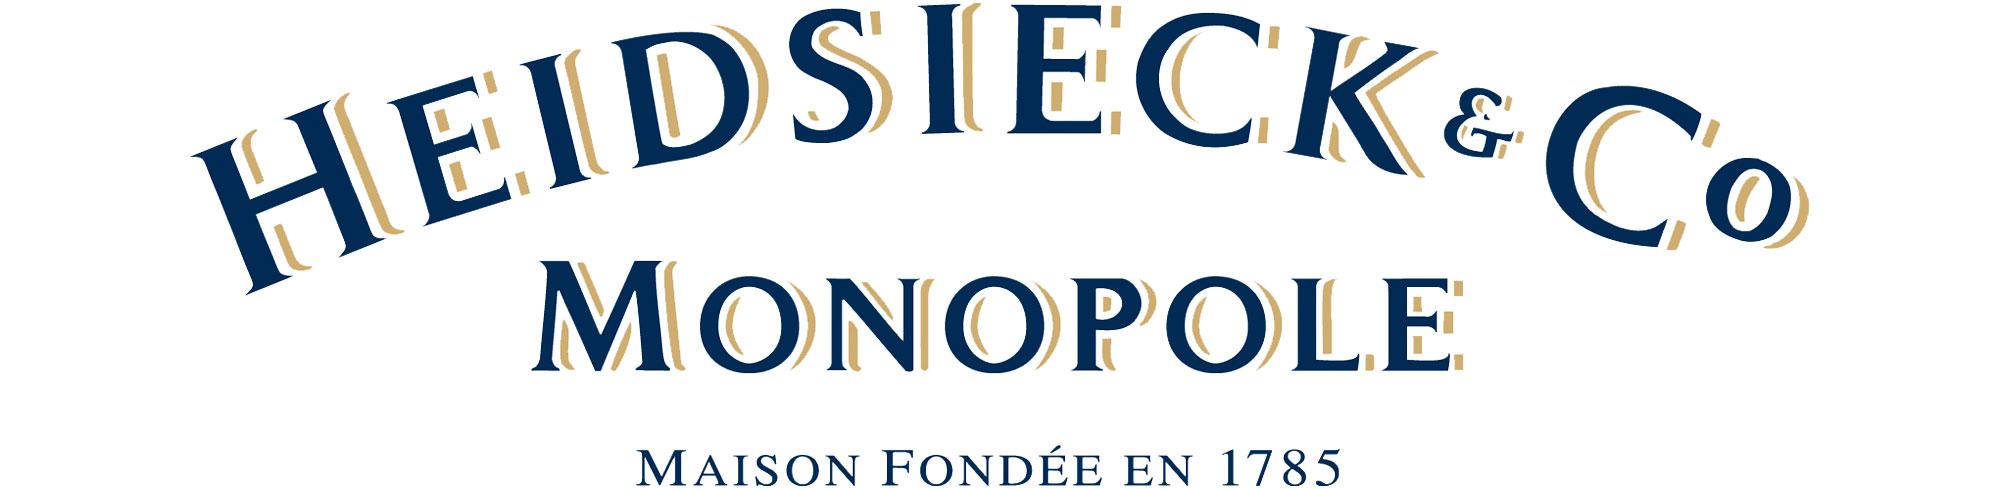 Heidsieck & Co Champagne